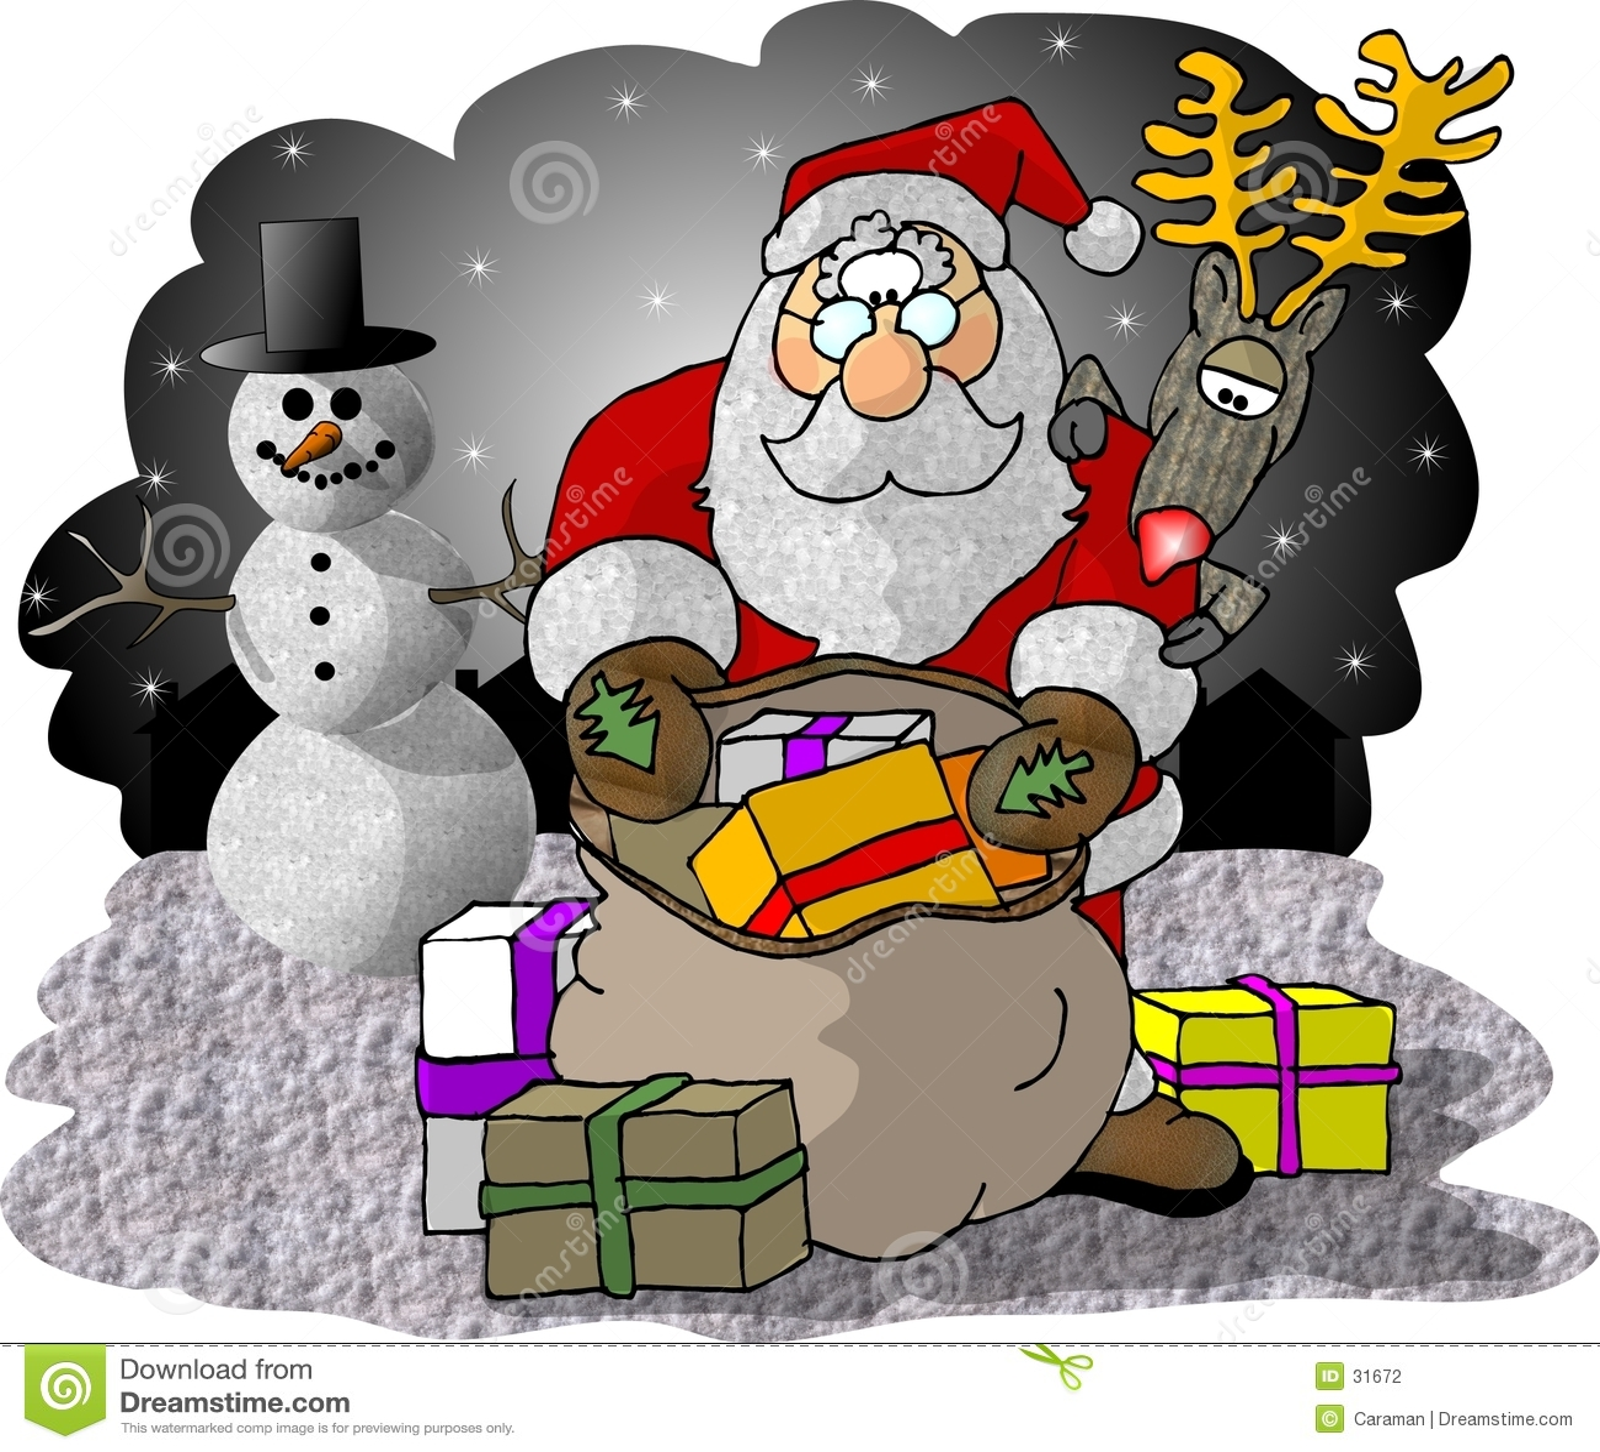 Santa contrôlant son sac des cadeaux